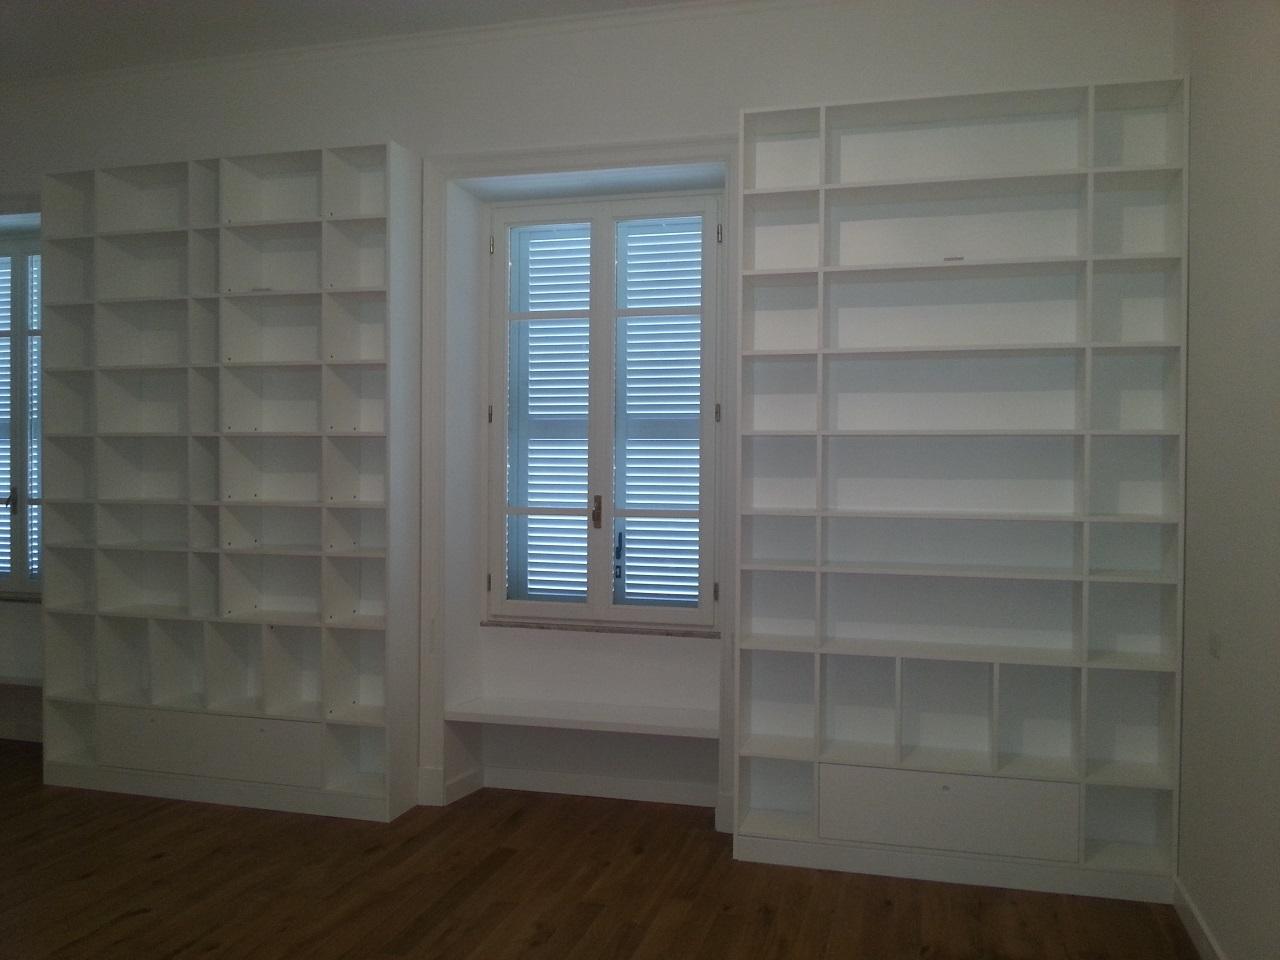 librerie-librerieGemelle (2)